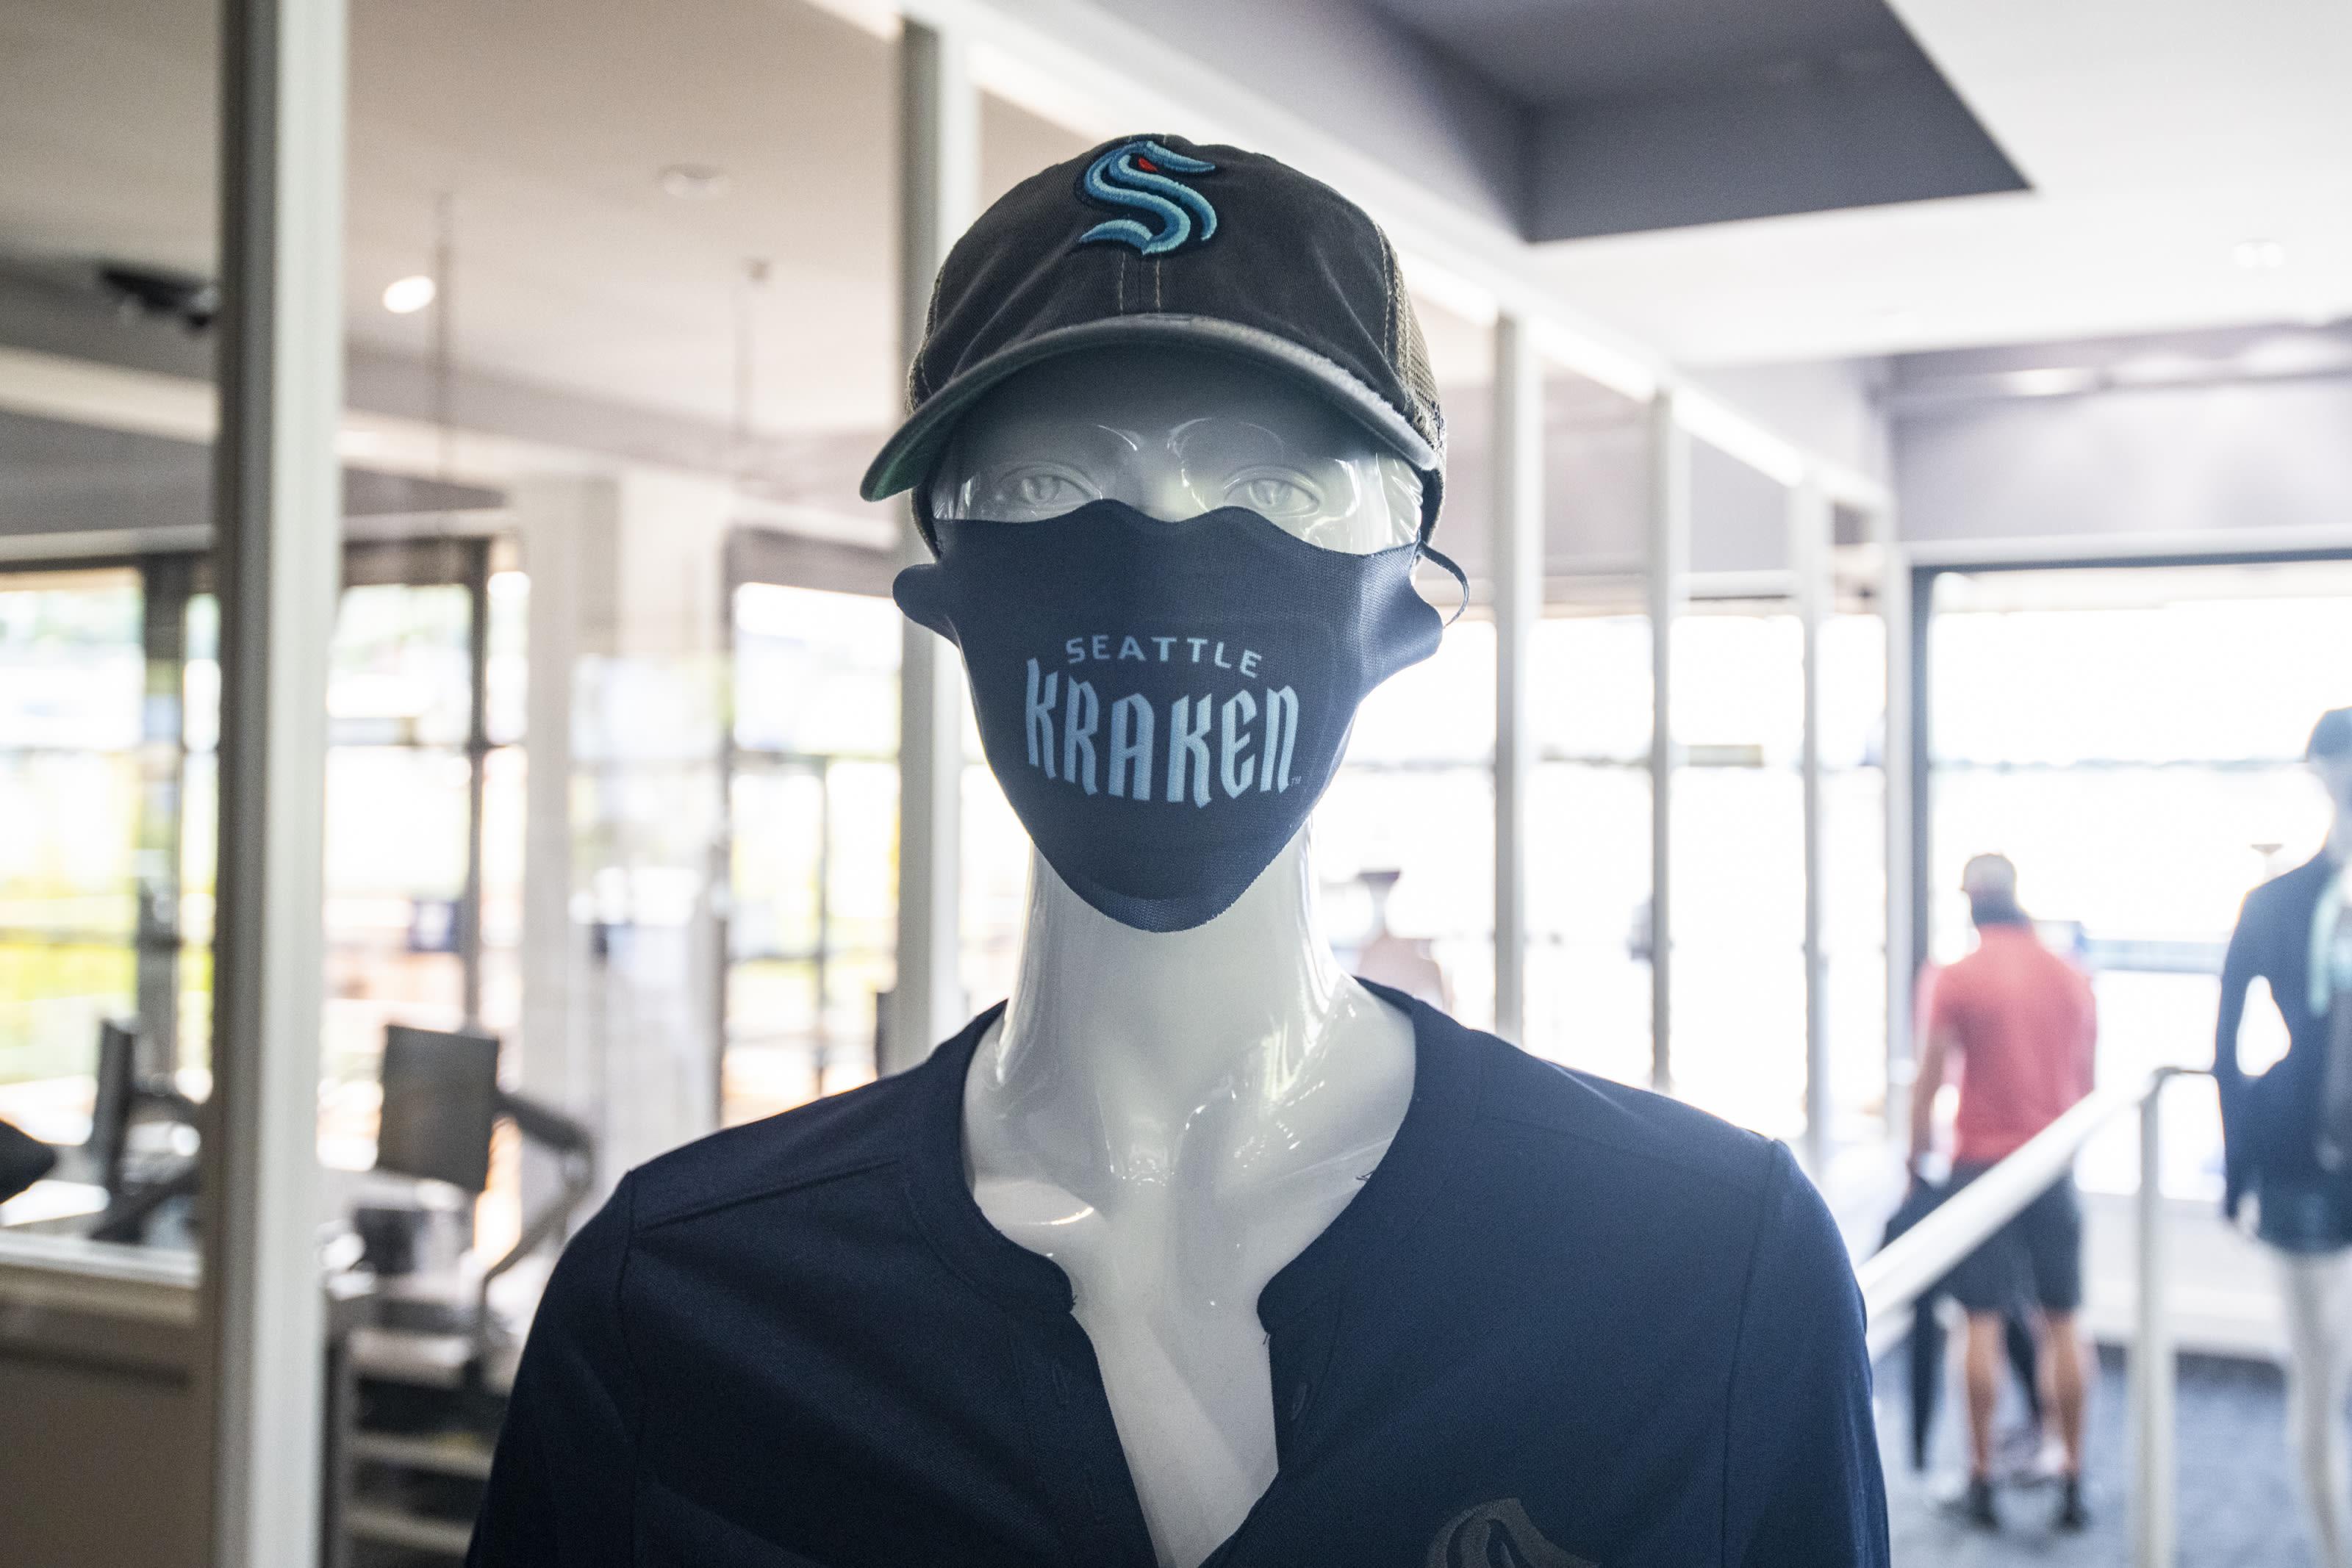 Chicago Blackhawks, Seattle Kraken